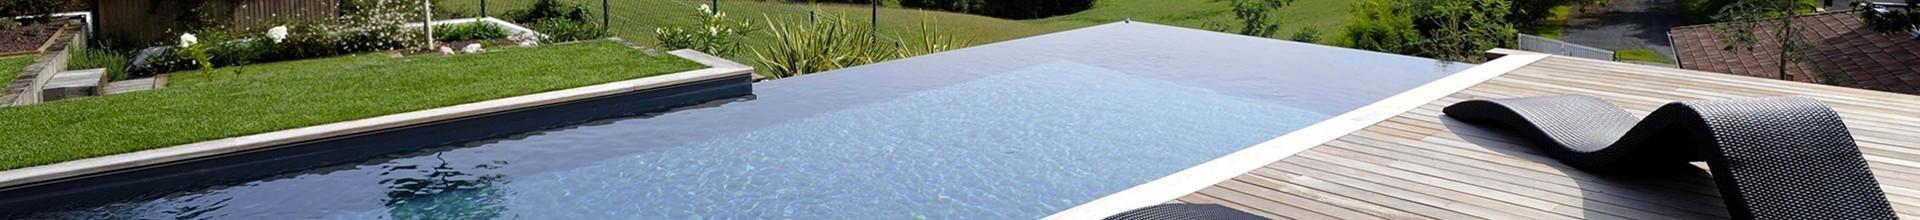 Concevoir votre future piscine conteneur sur Belgique, les avantages